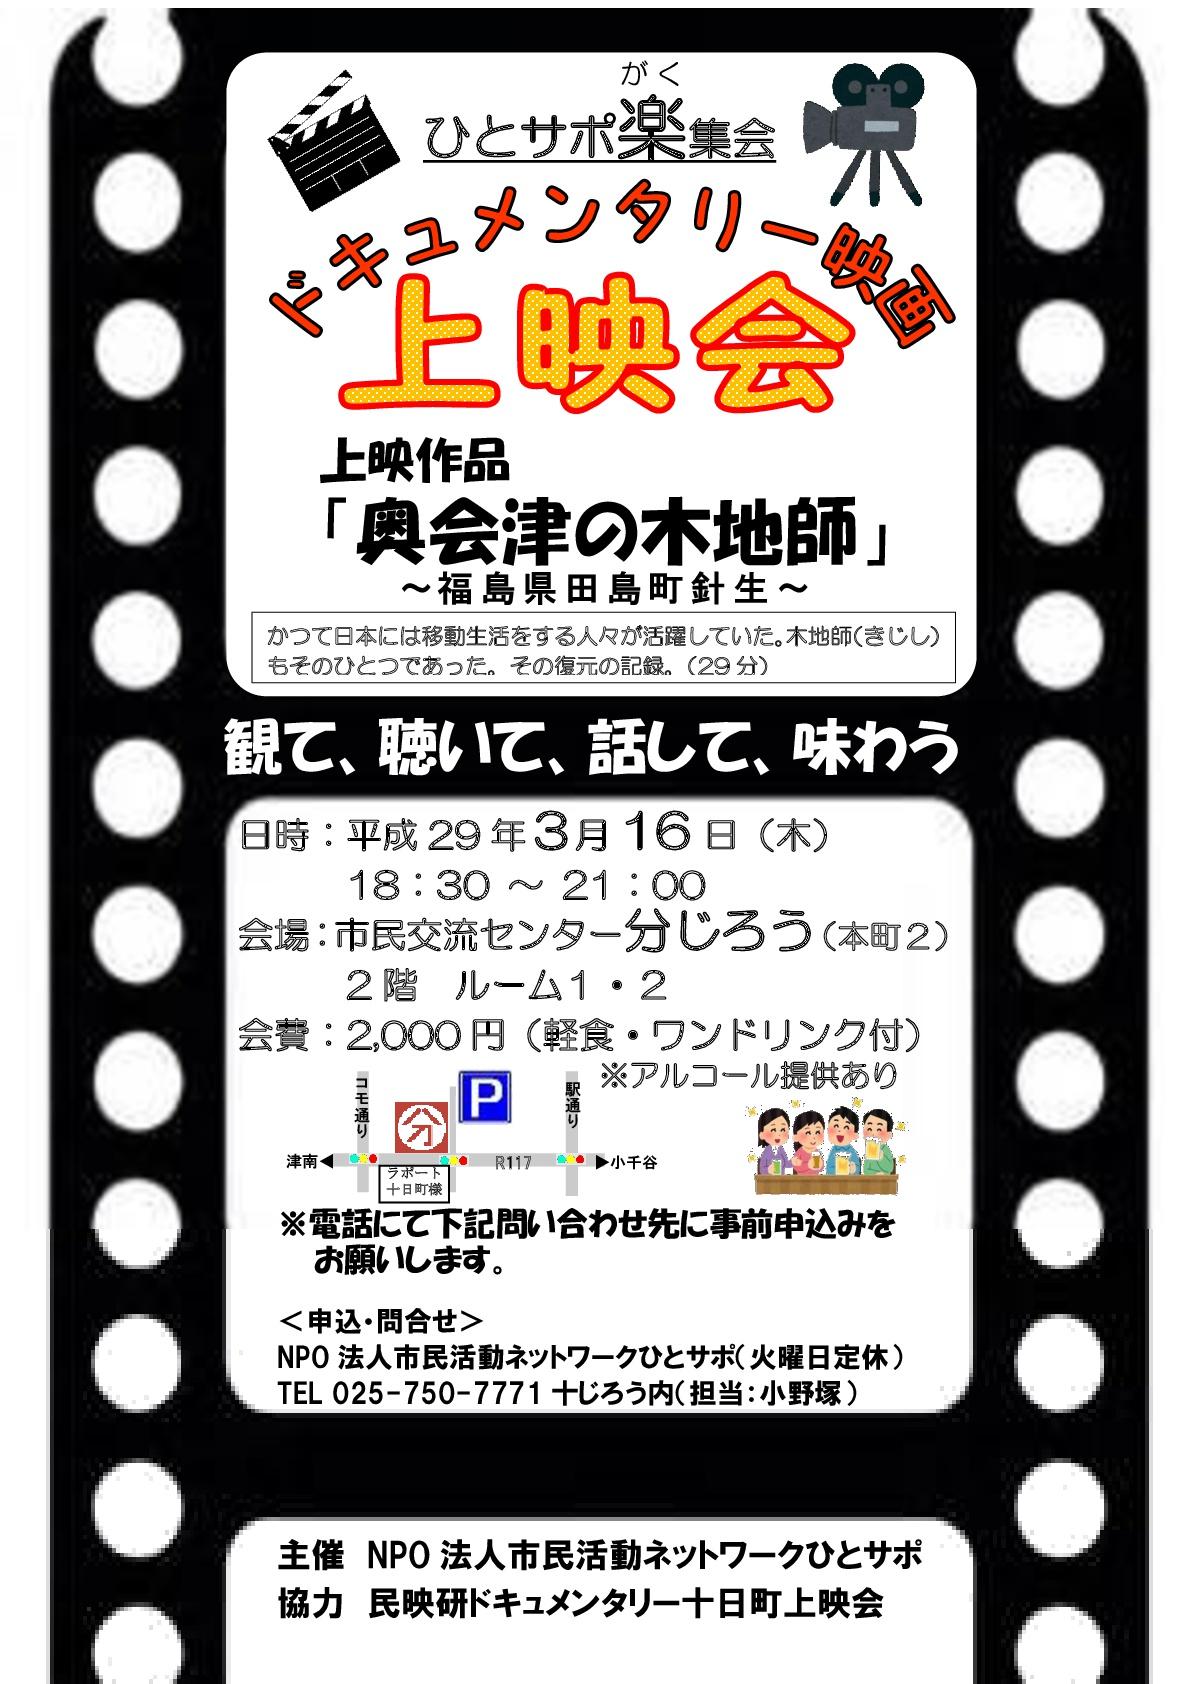 ひとサポ楽集会 ドキュメンタリー映画上映会